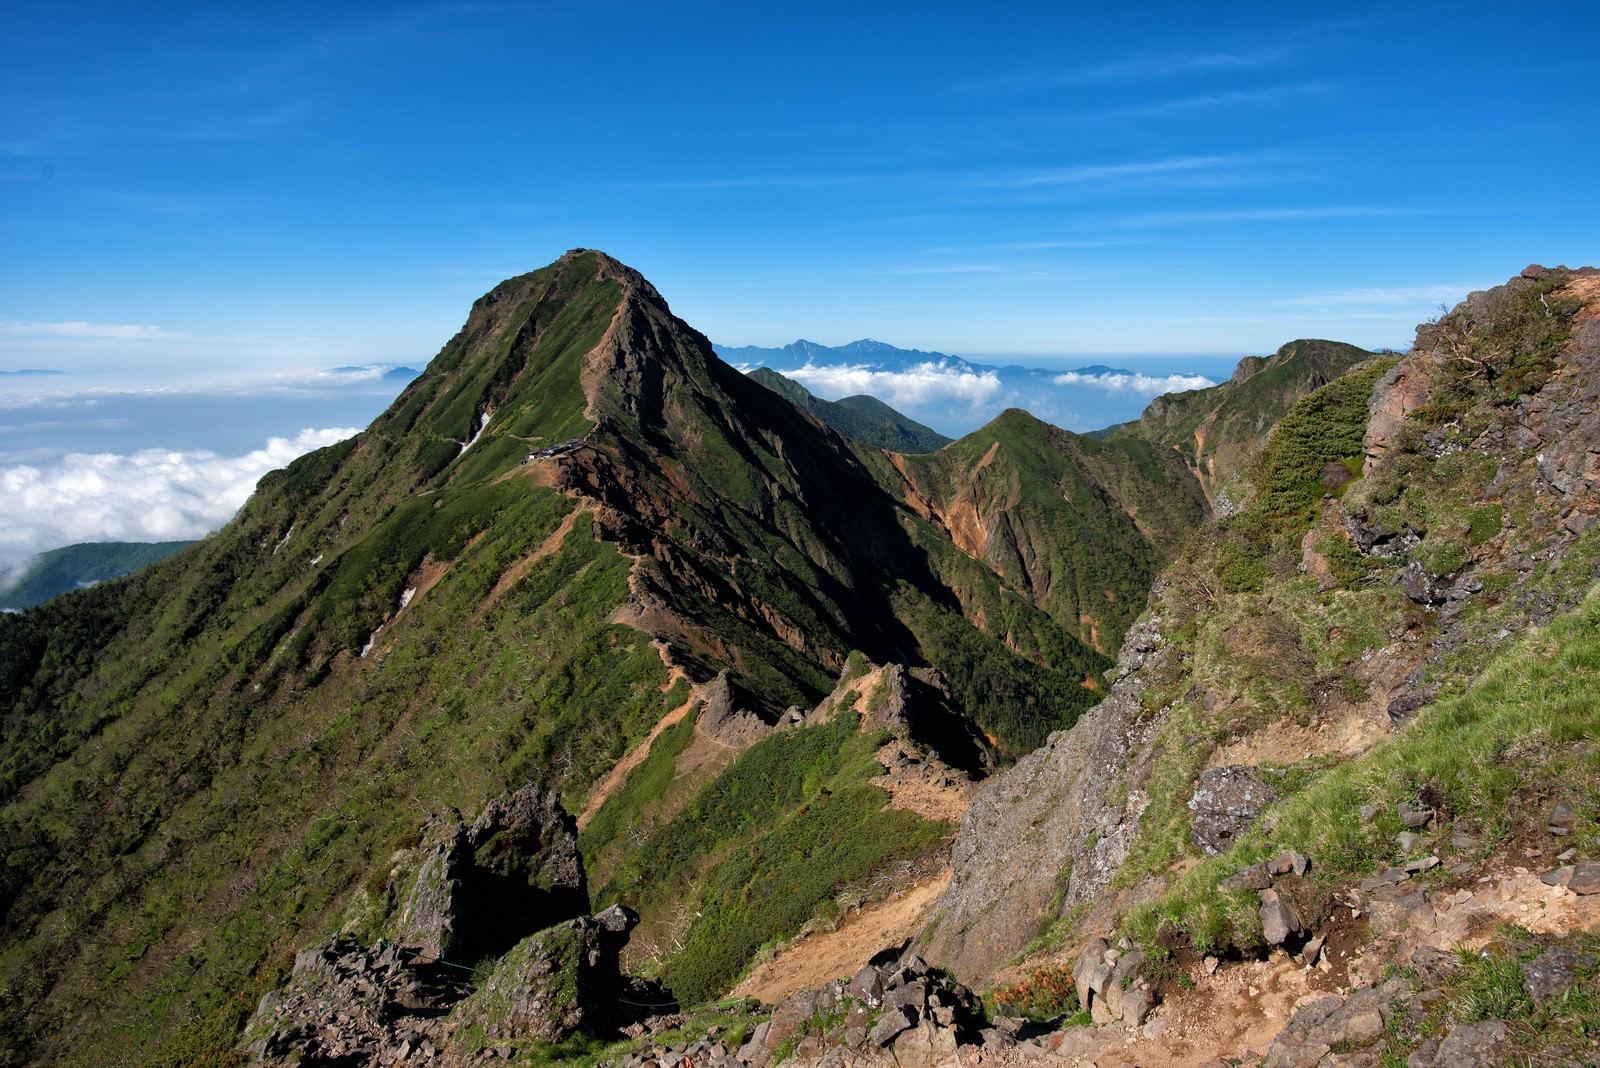 「赤岳に続く登山道」の写真